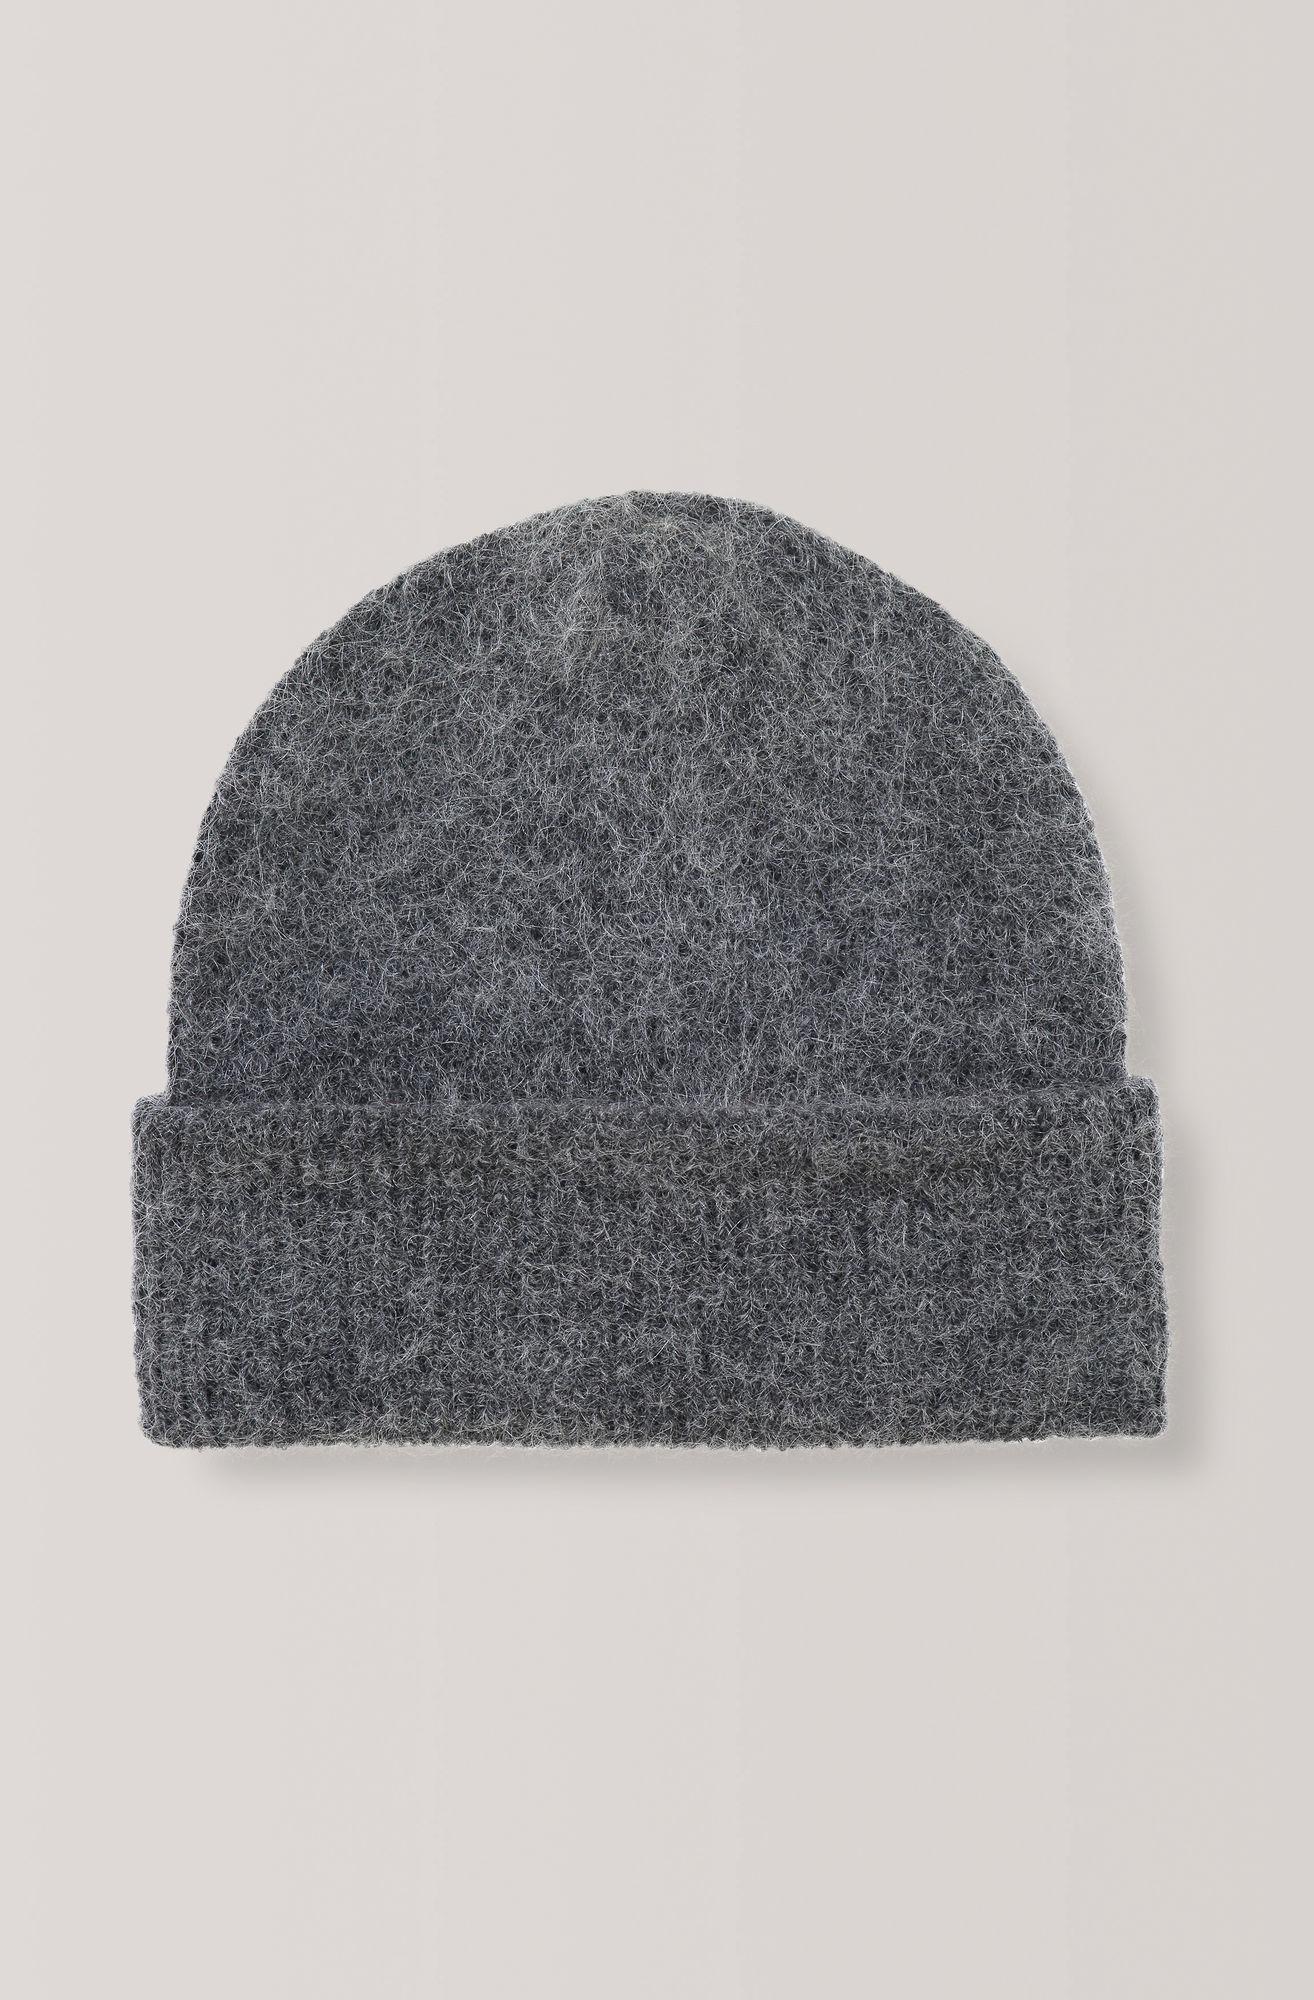 5b8089cbe1118 Fishermen Beanie Winter Hats